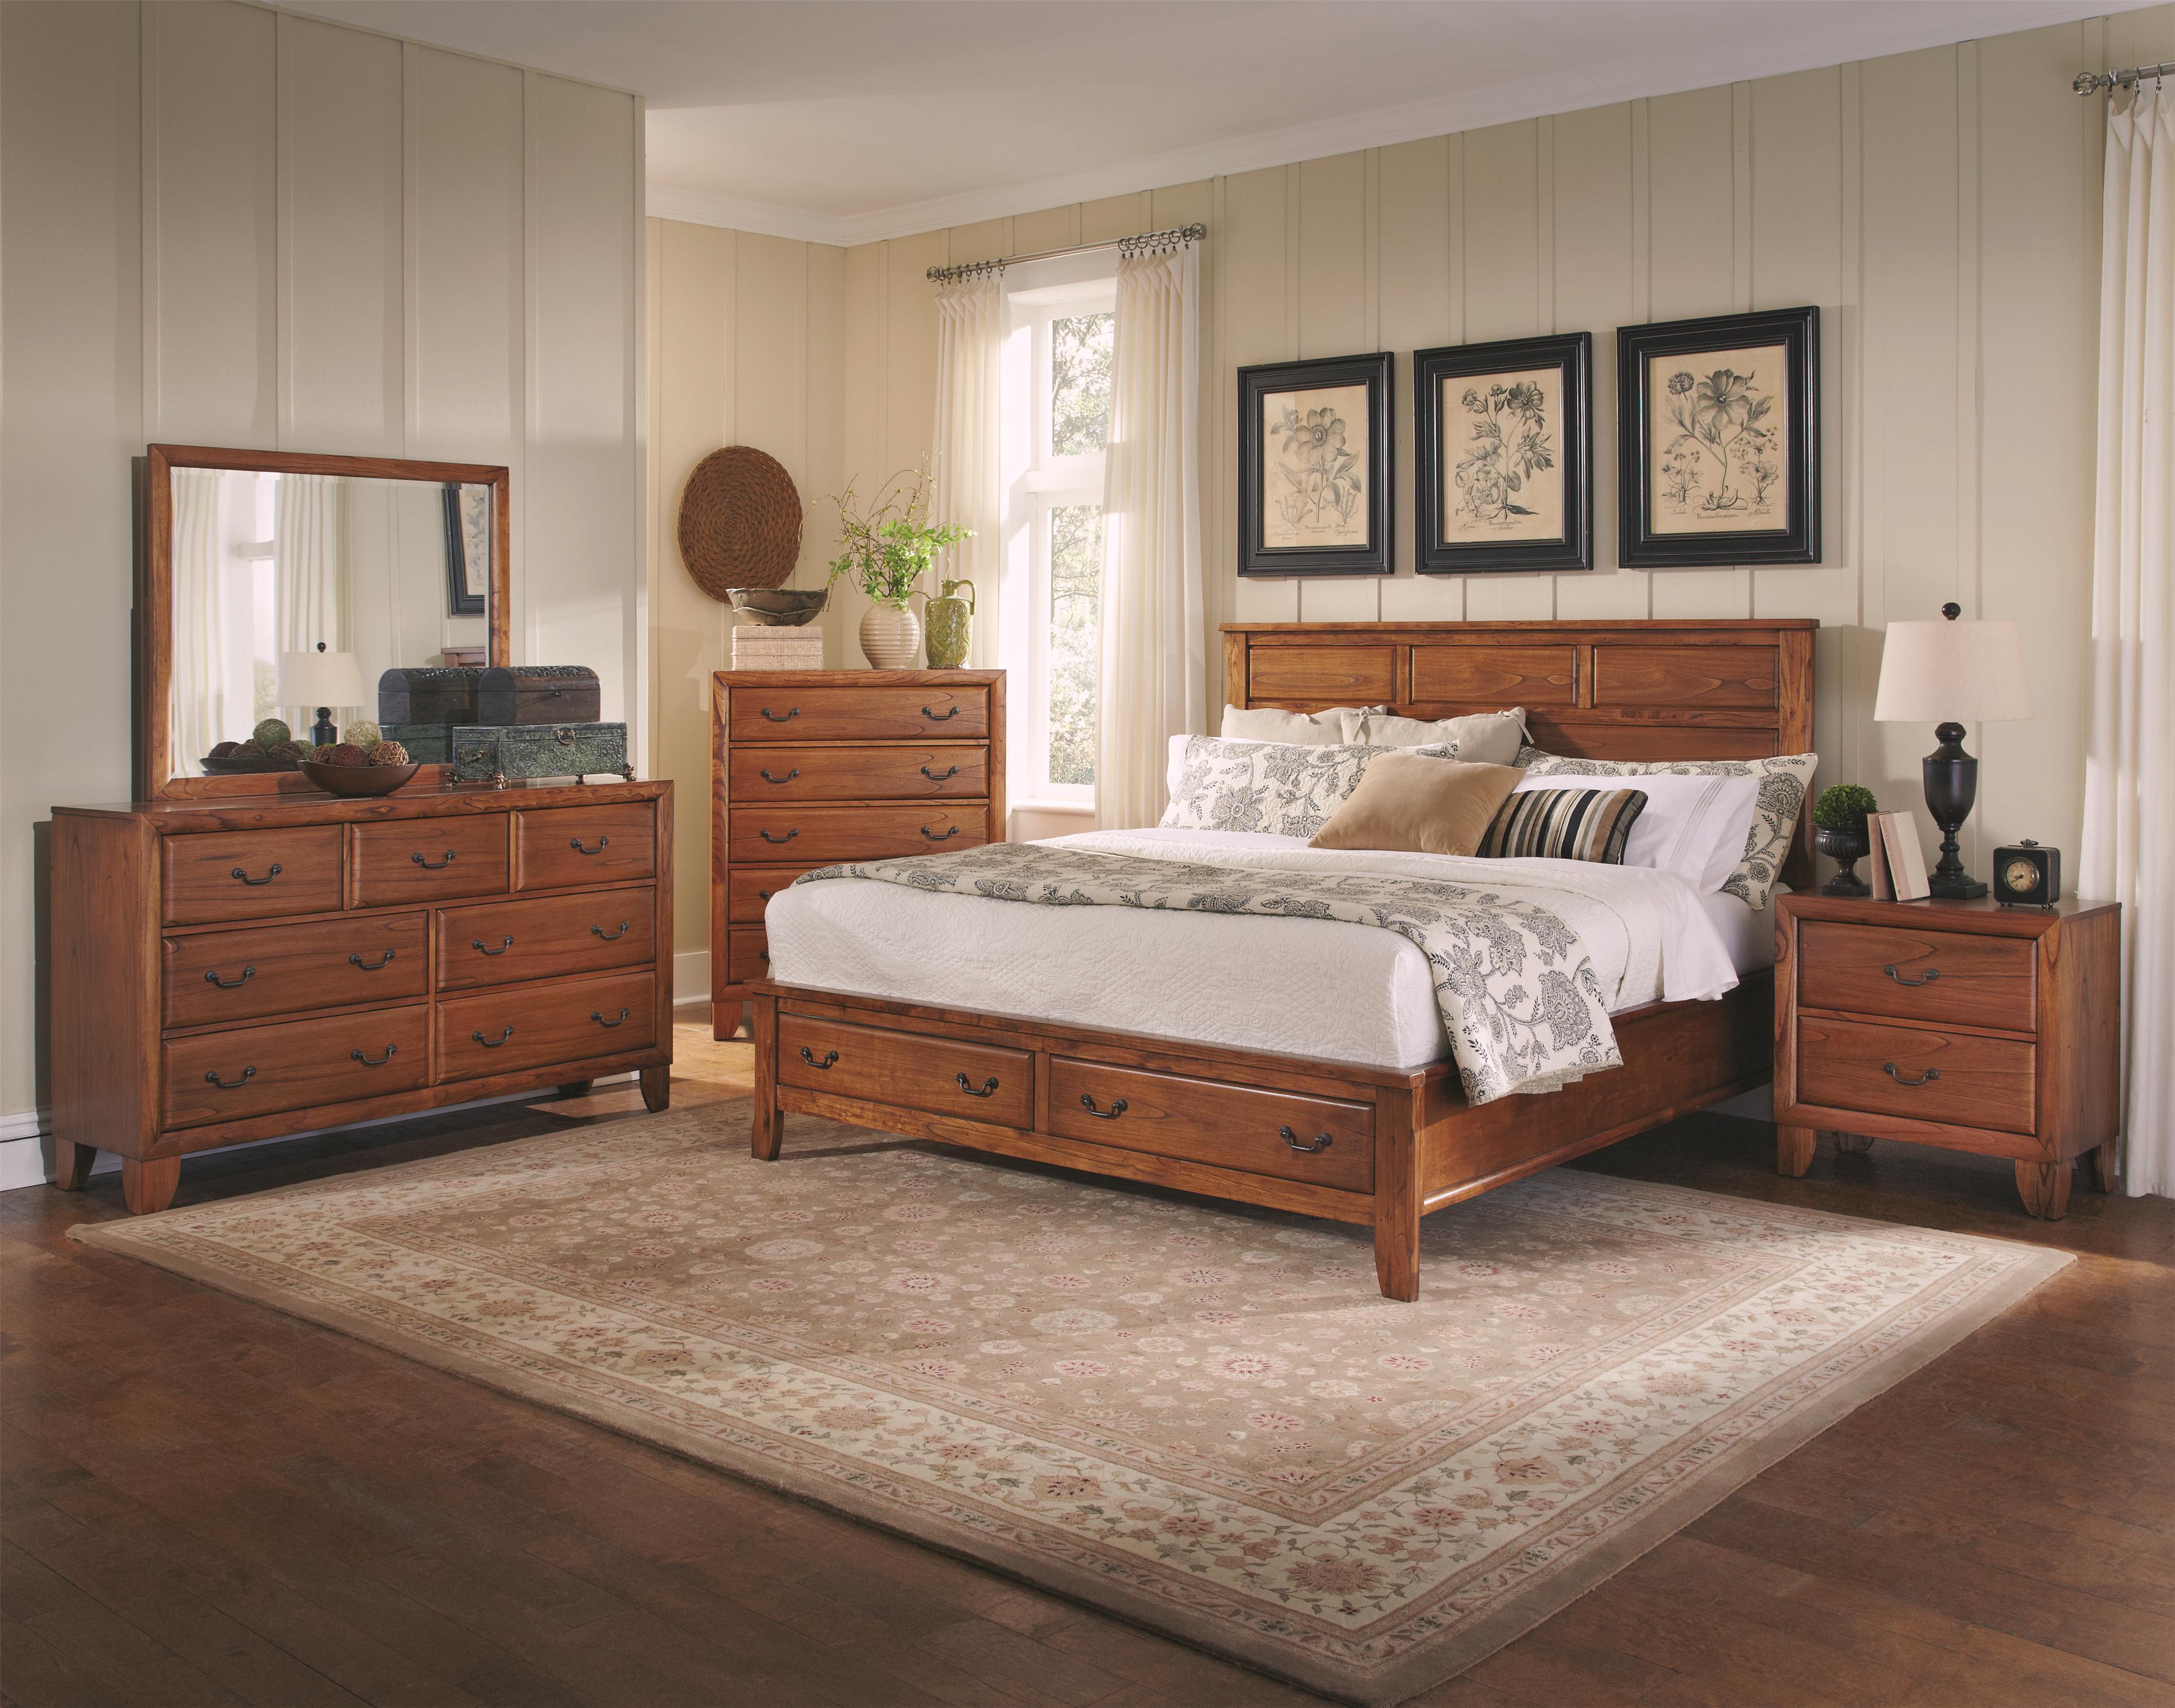 bdcoa 6pc queen bedroom set reg $2099 90 now $1399 90 Pina Furniture